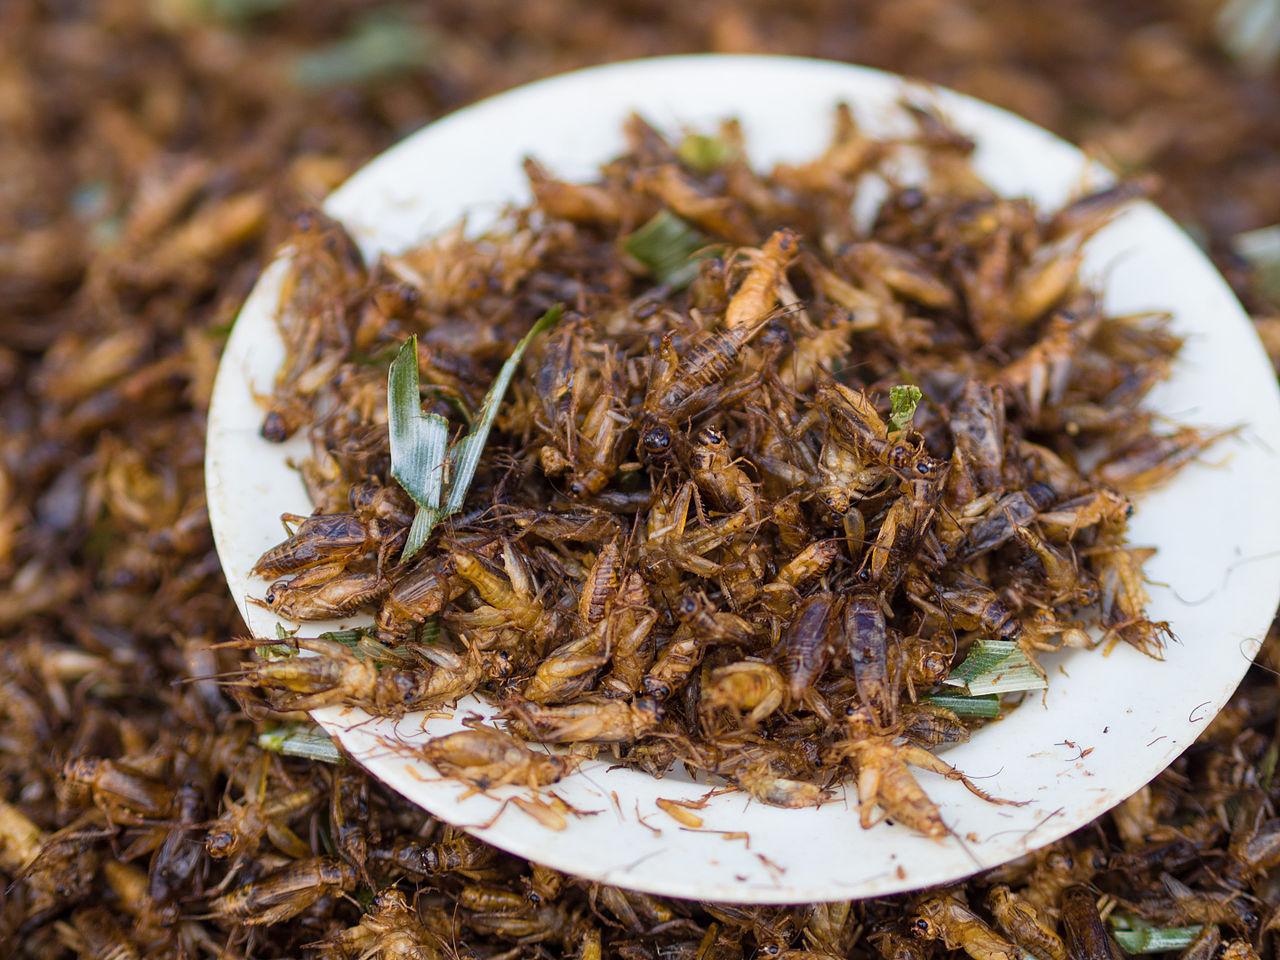 Nu får insekter säljas som mat i Sverige